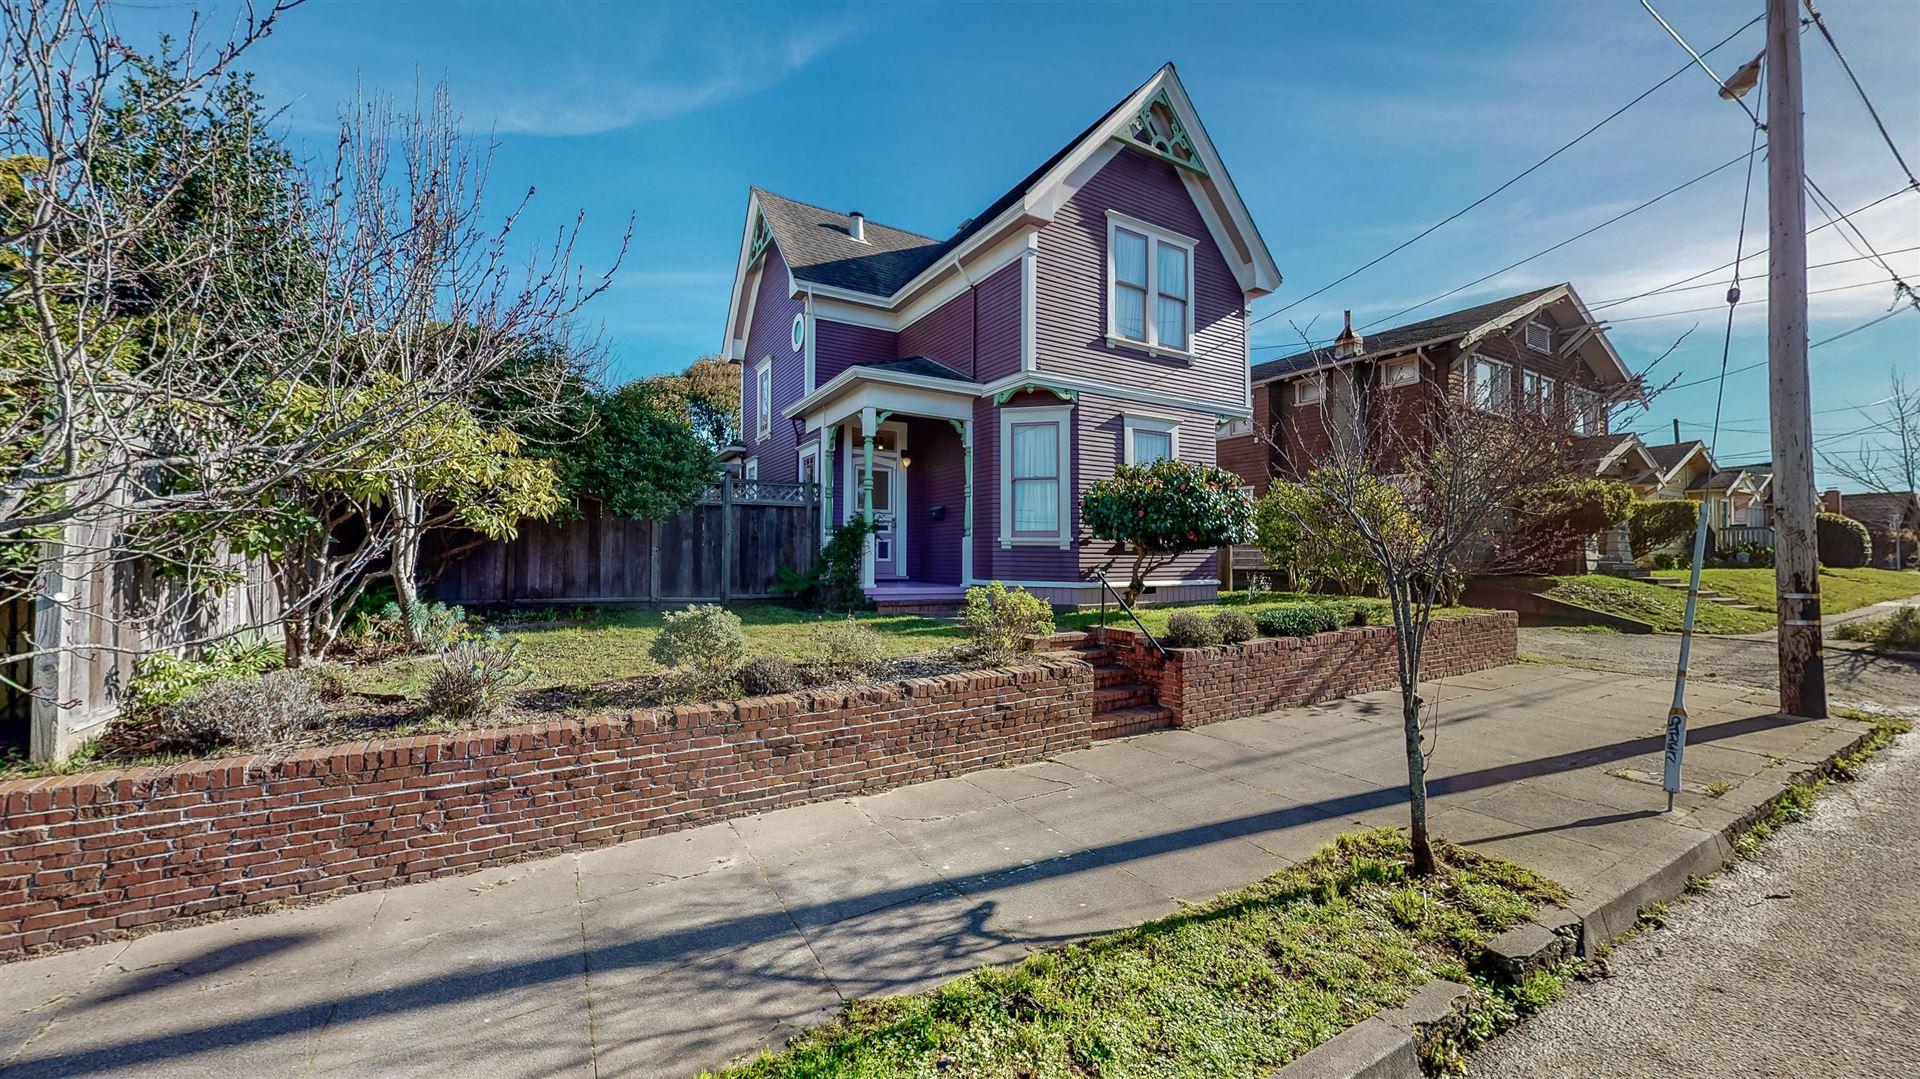 1413 D Street, Eureka, CA 95501 - MLS#: 258160